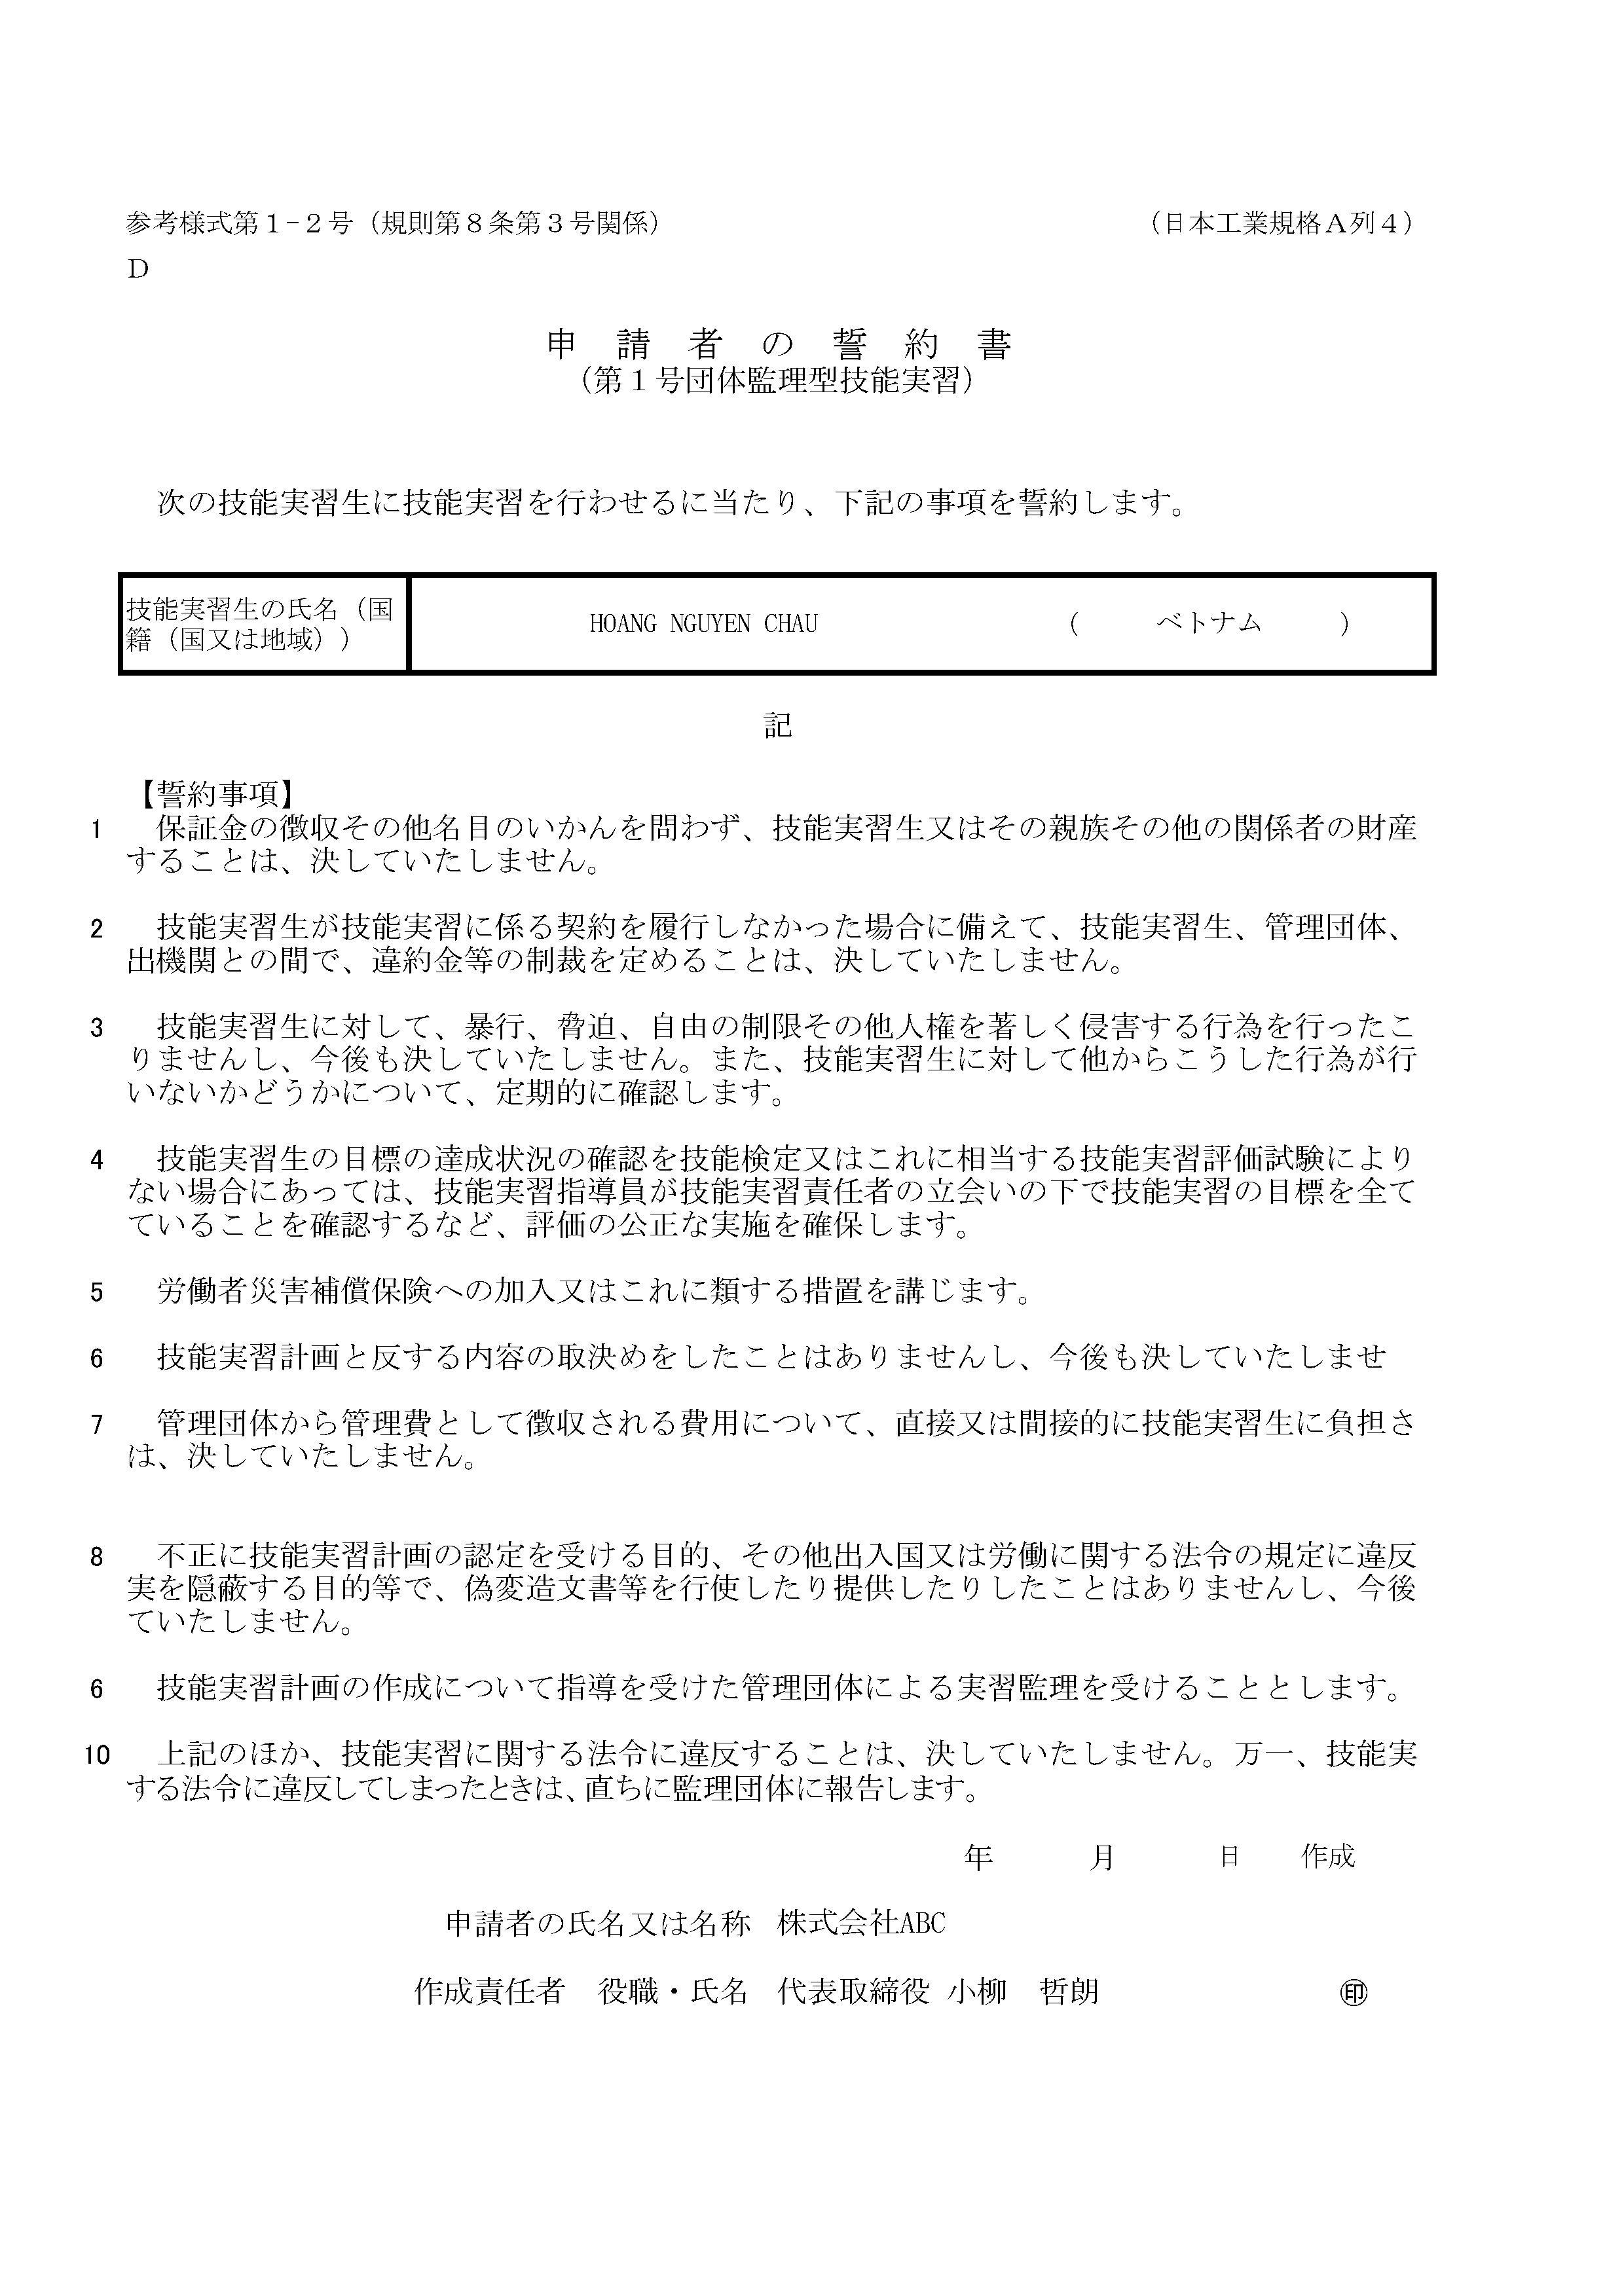 申請者の誓約書(第1号団体監理型技能実習)